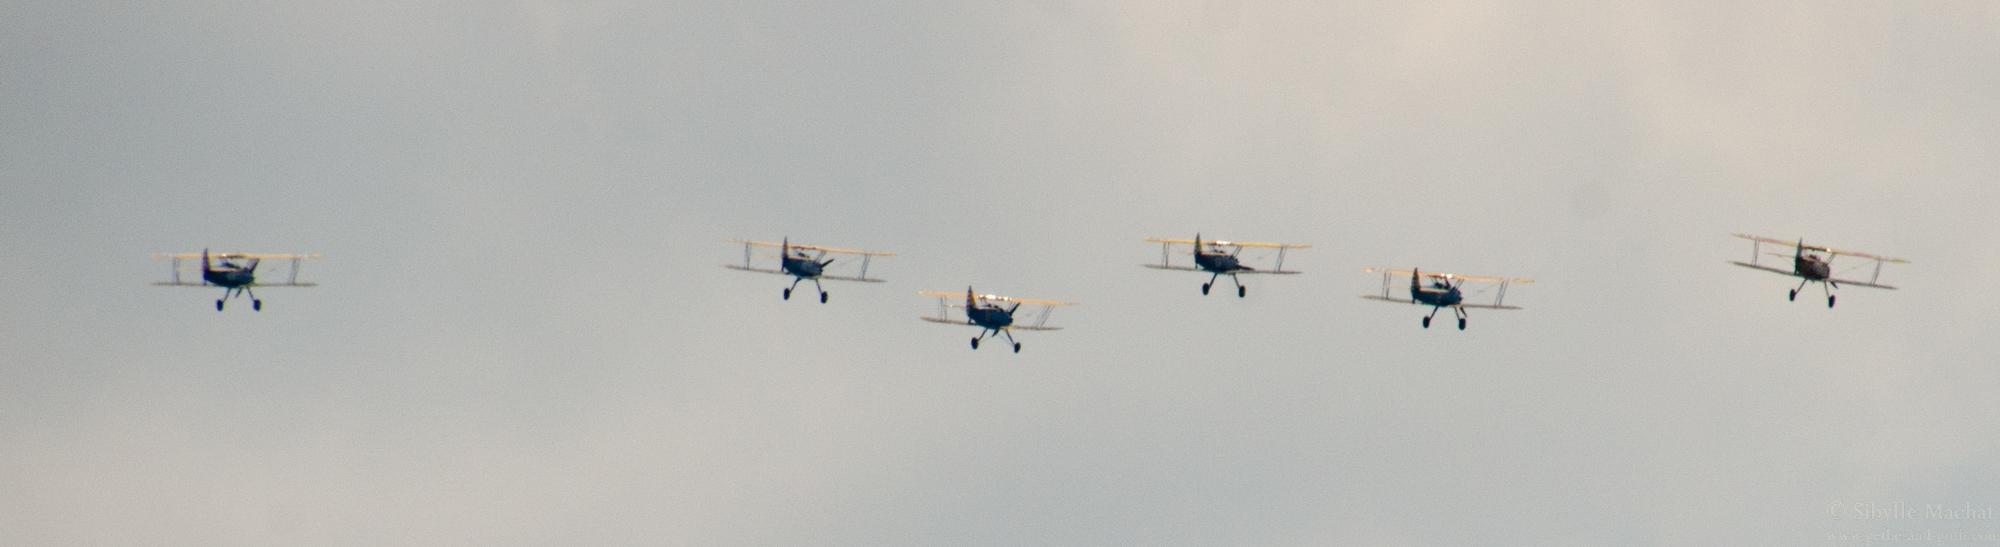 WW 2 flyby